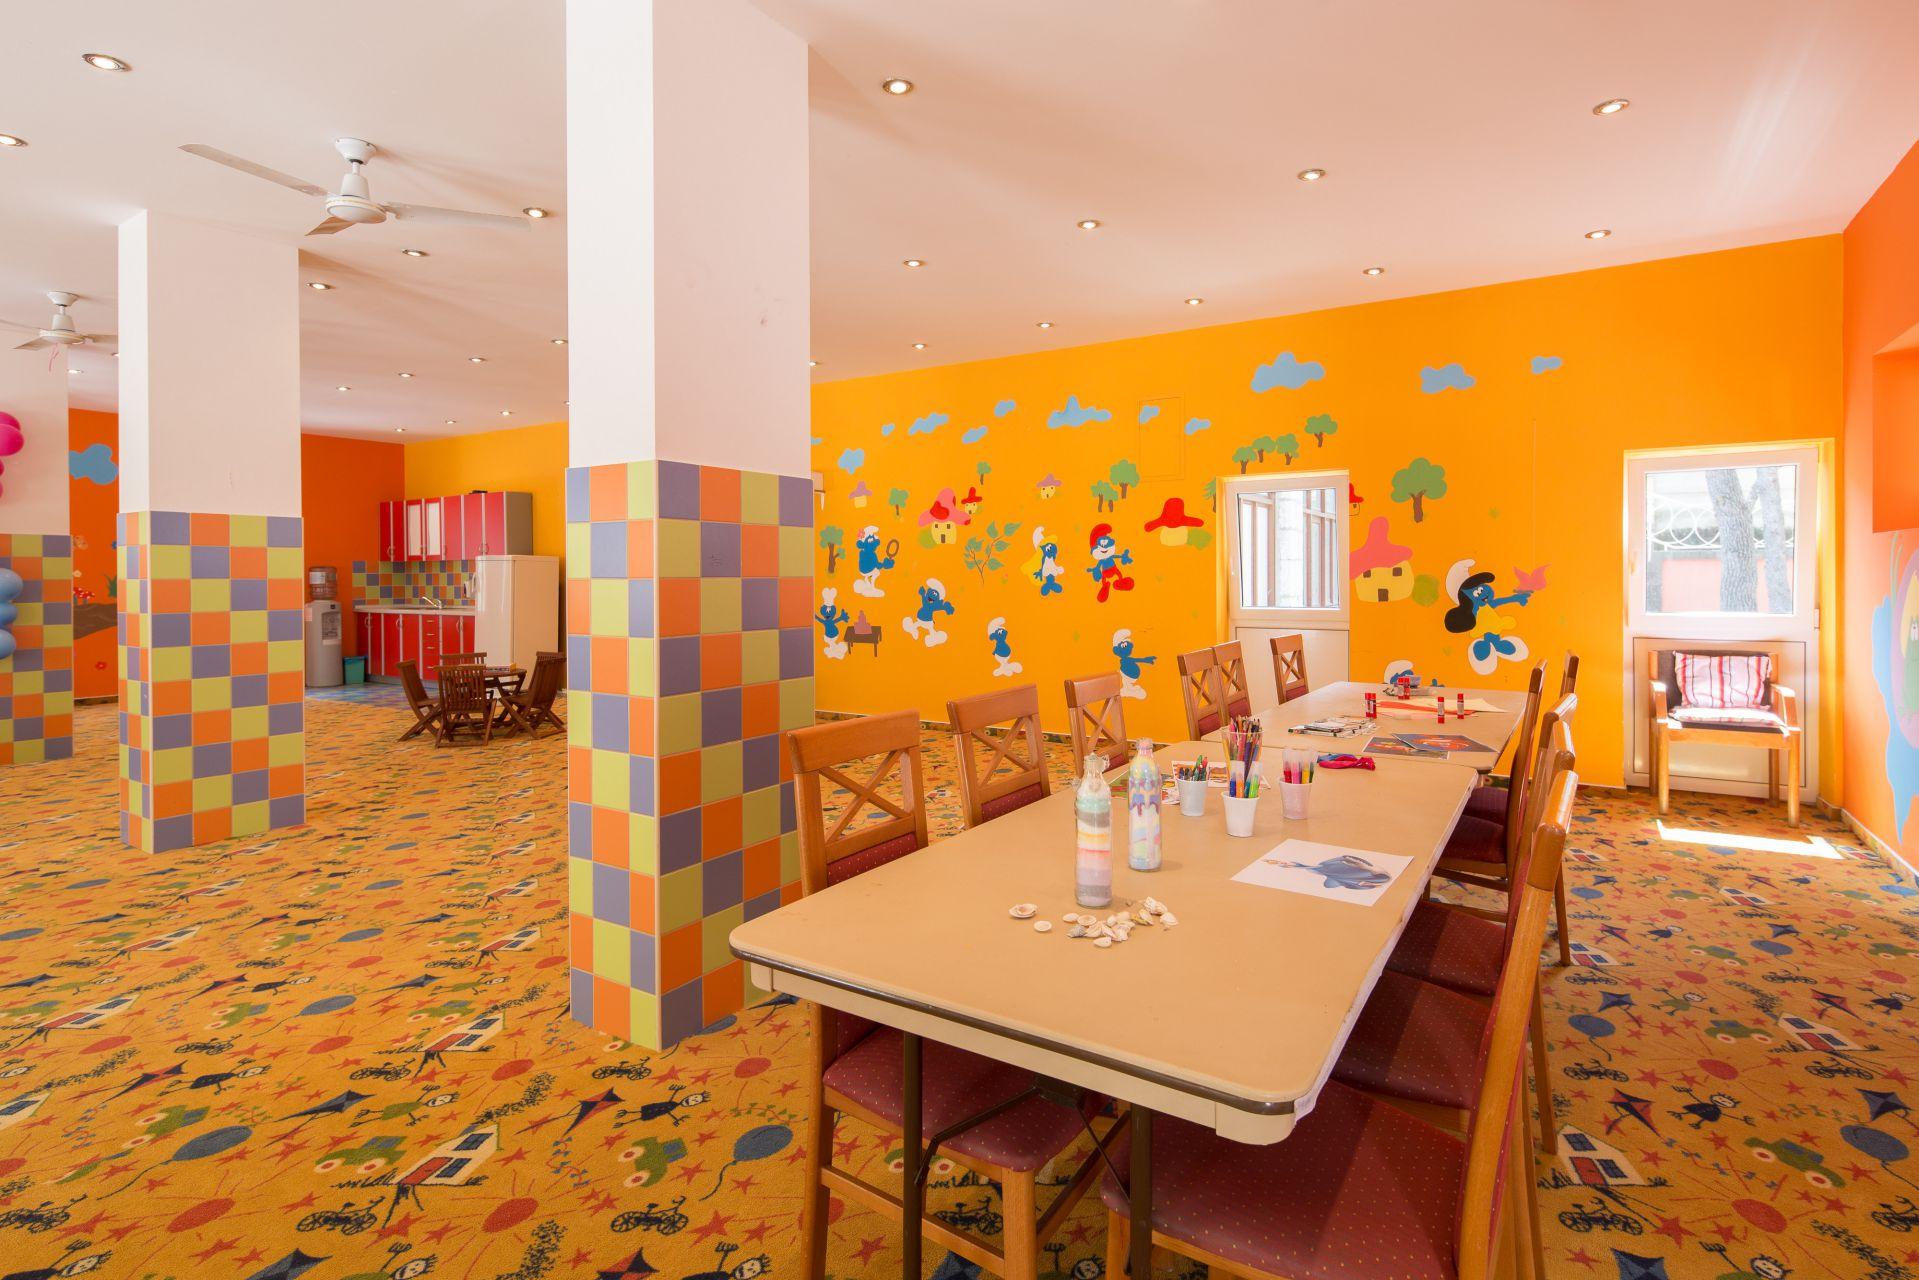 kids club 02 14826018195 o - Zora Hotel